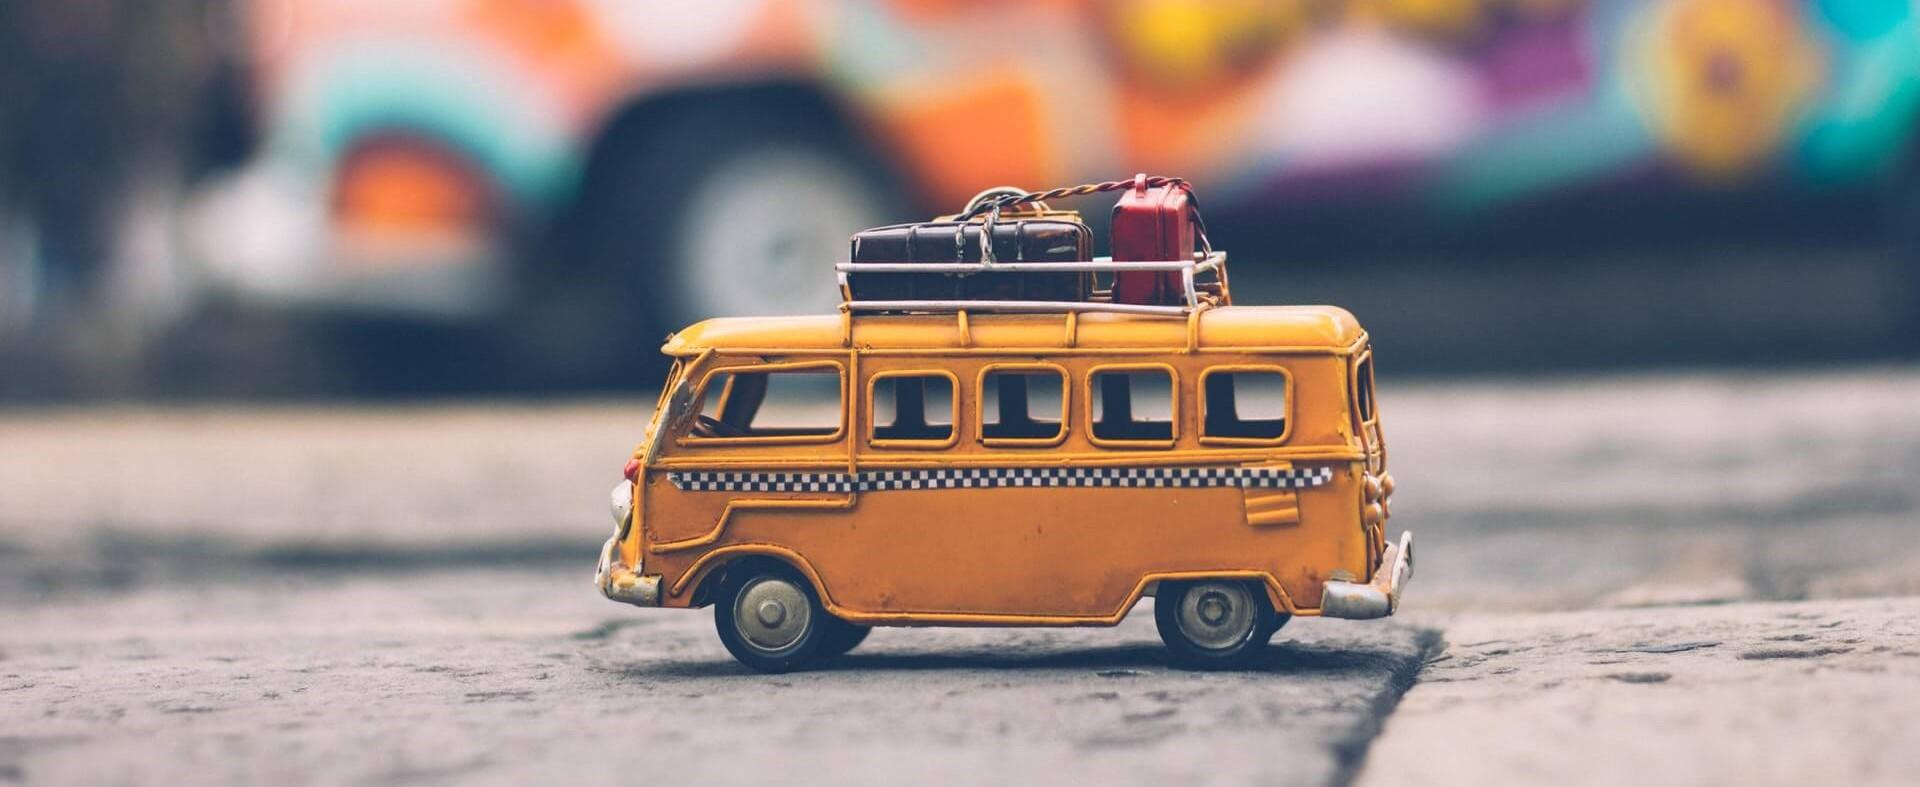 Taxi Den Haag - Speelgoed